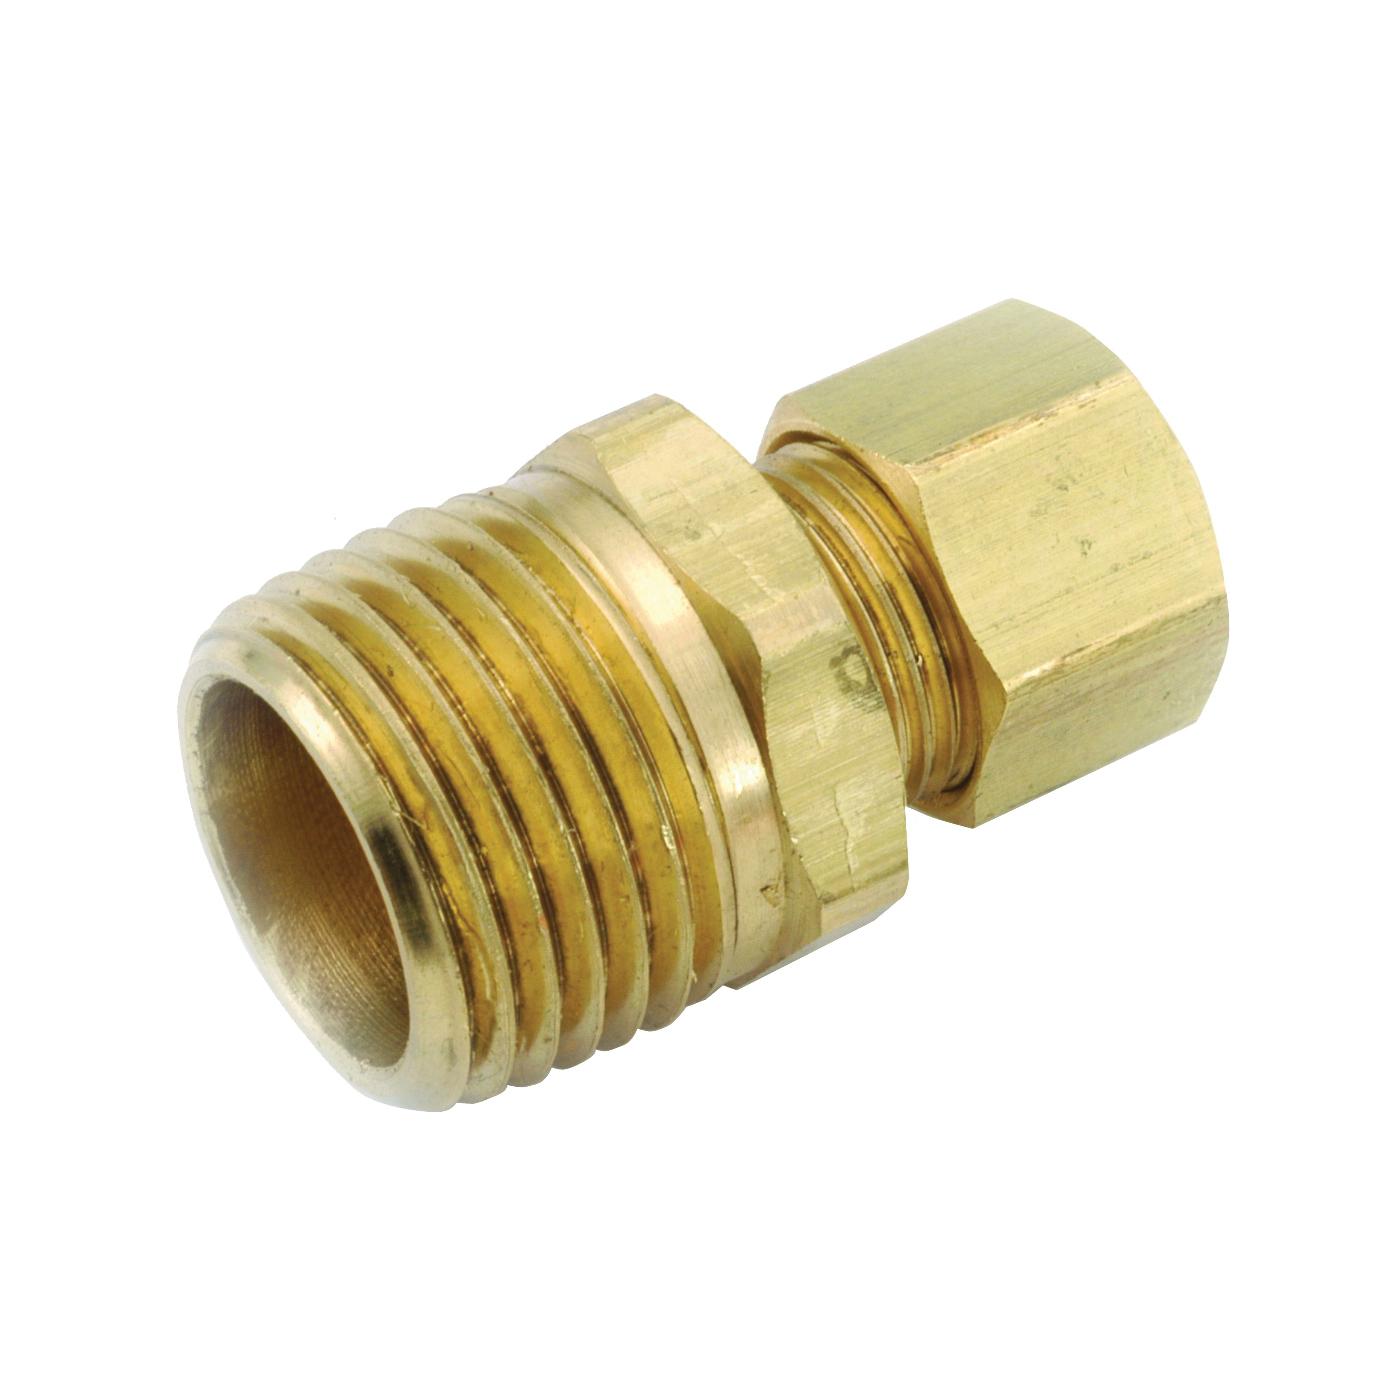 Anderson Metals 750068-0402